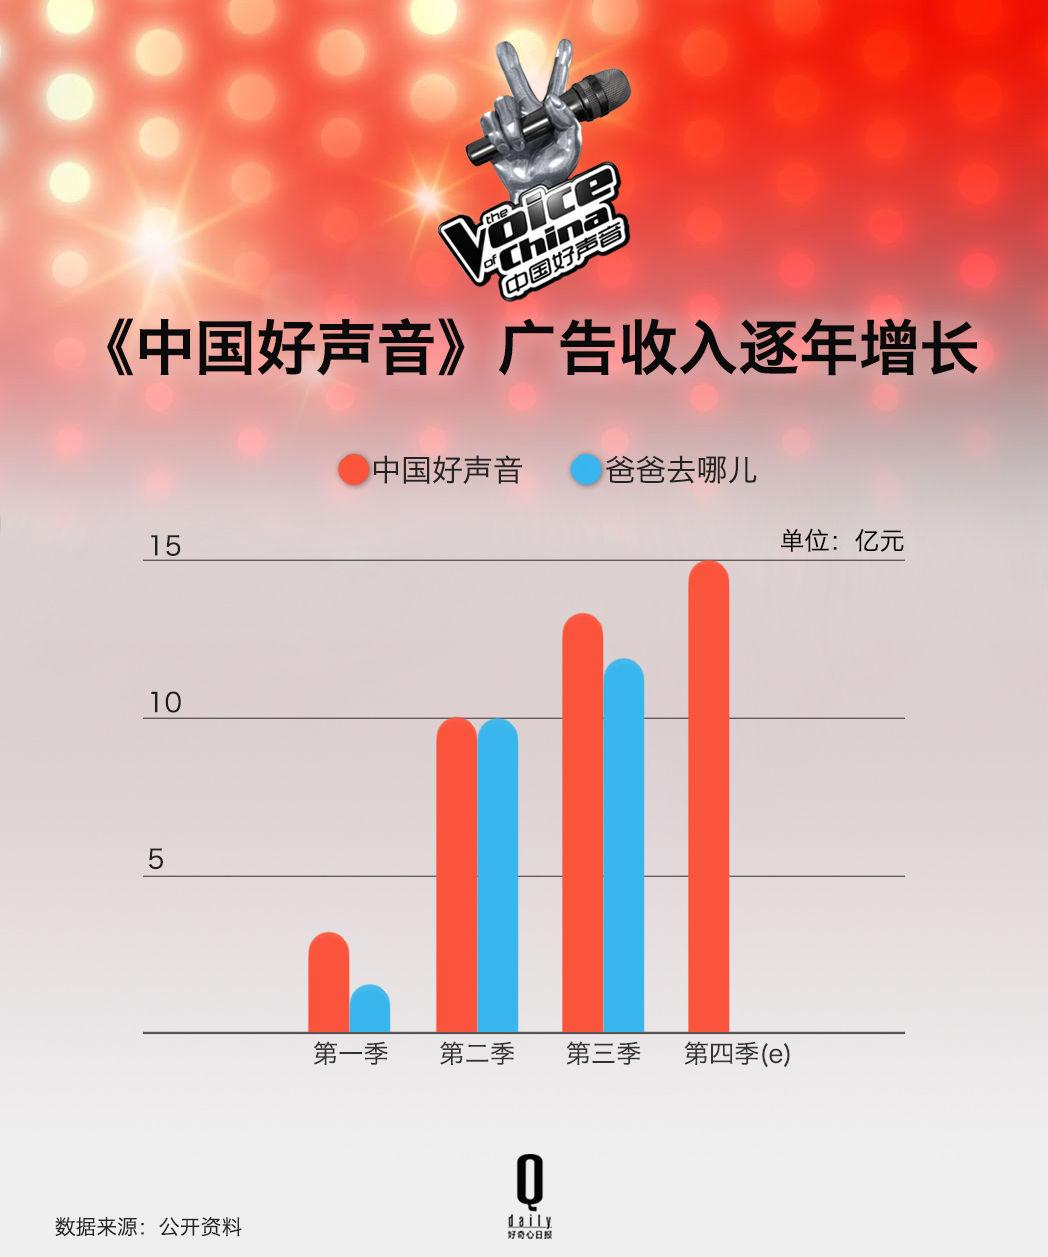 中国好声音_中国好声音的收入